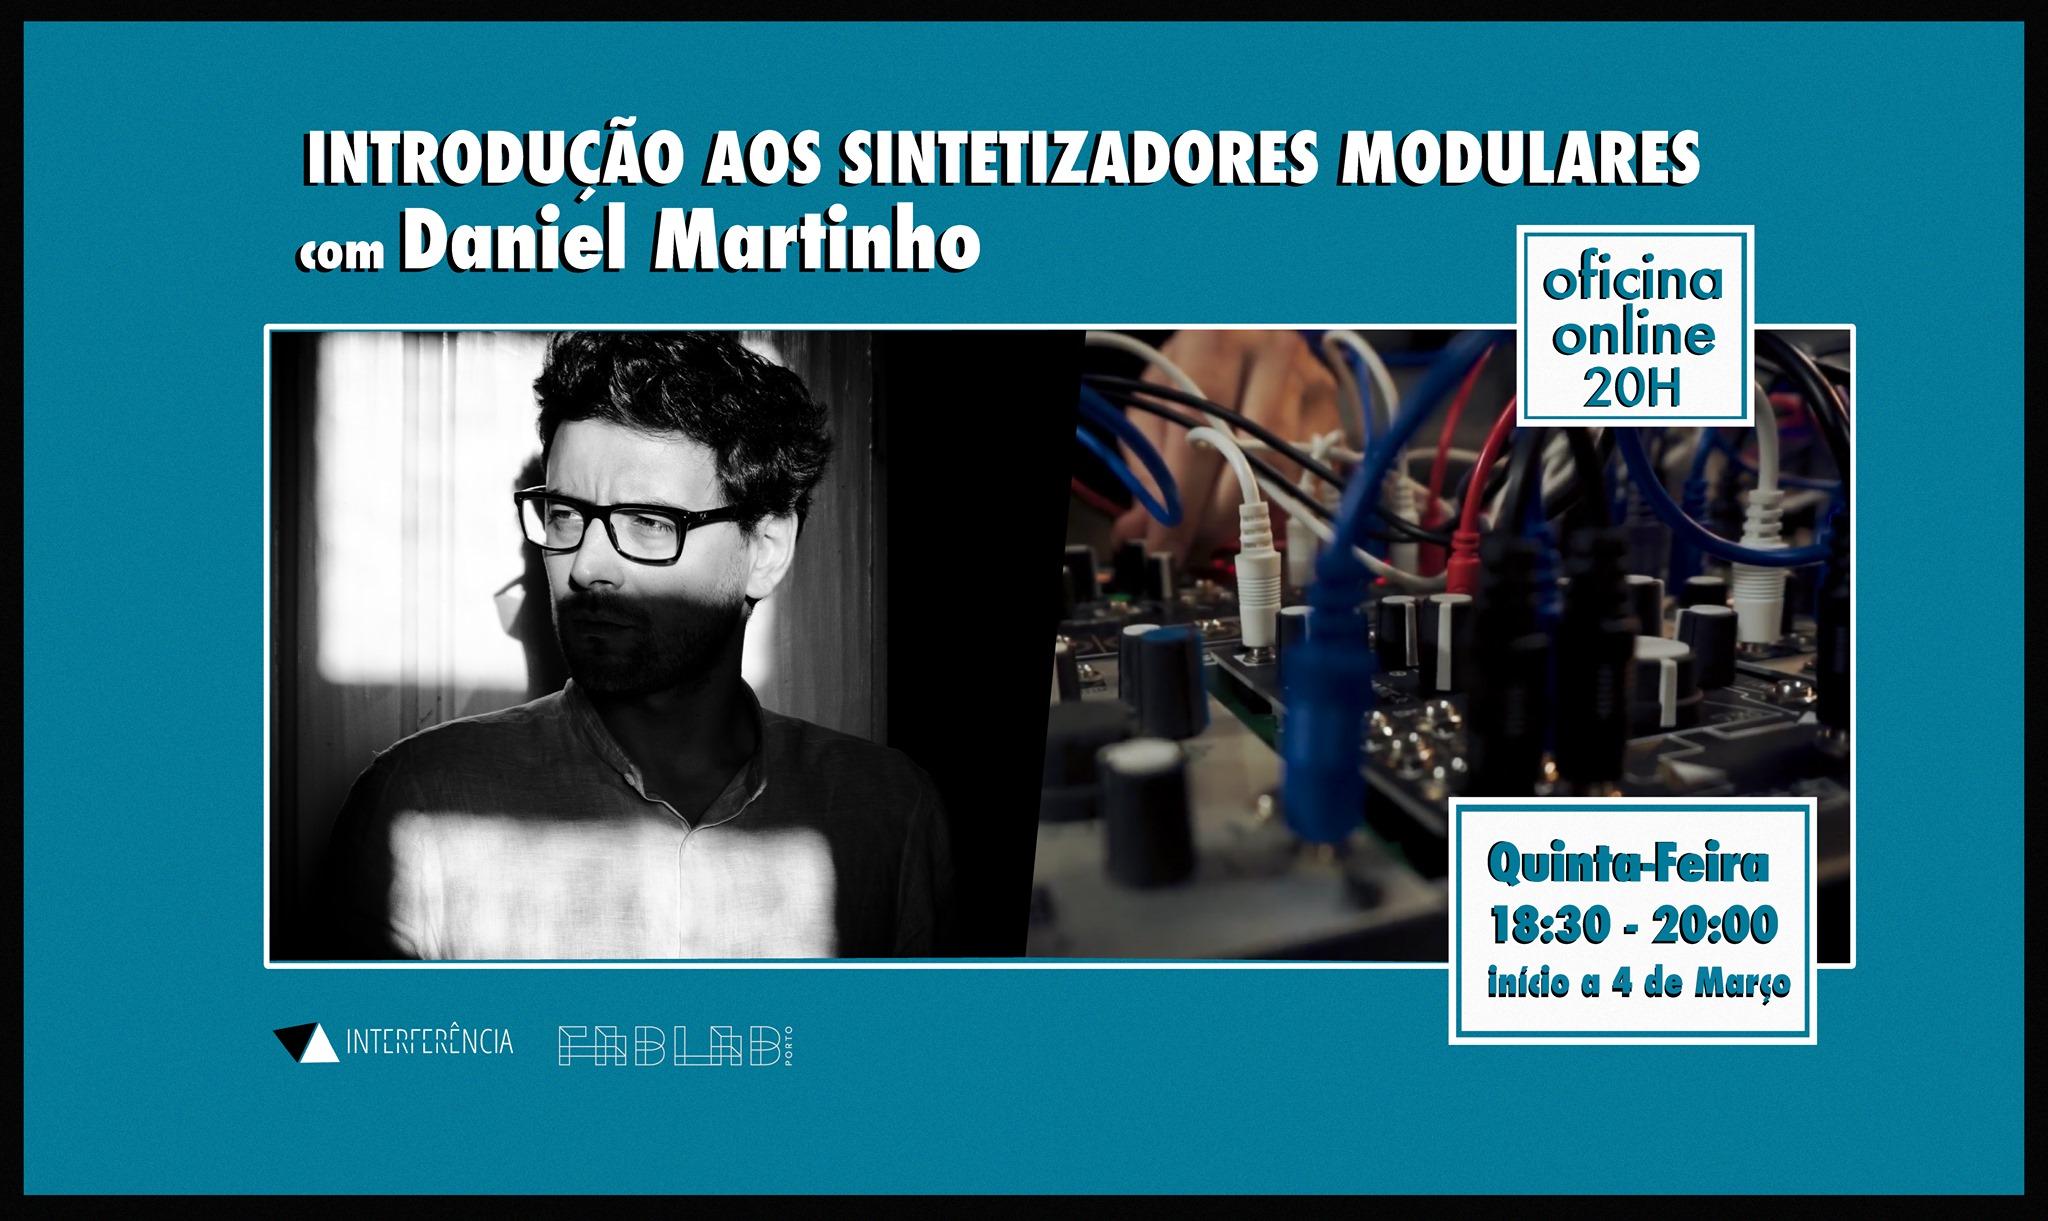 Introdução aos sintetizadores modulares com Daniel Martinho - Oficinas Acirrantes ONLINE: